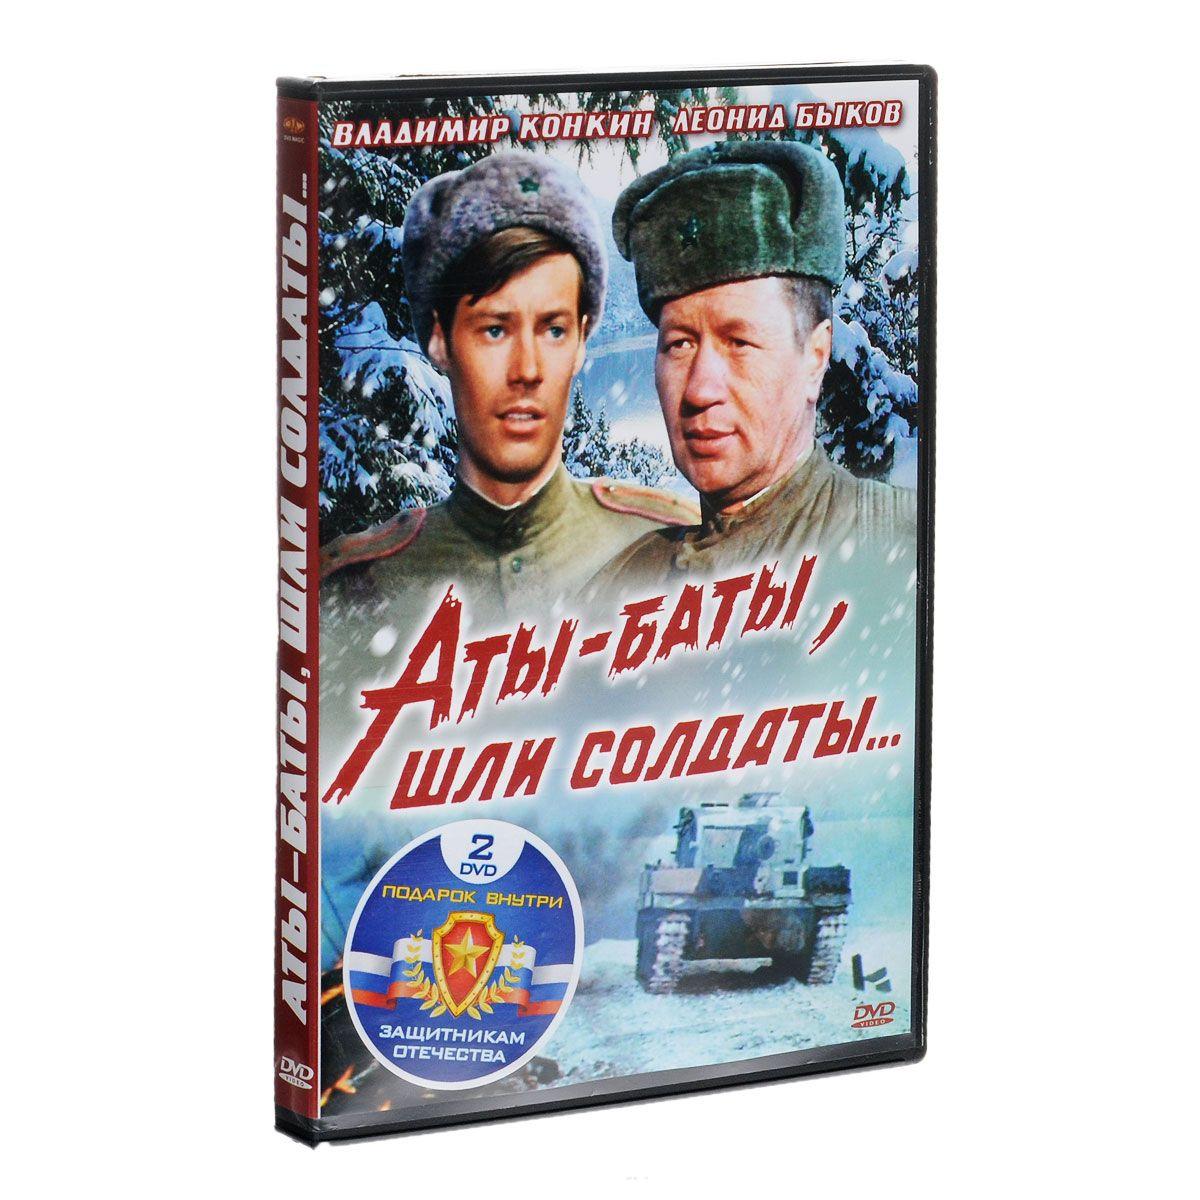 2в1 Защитникам отечества: Аты-баты, шли солдаты / Стратегия победы (2 DVD) 2012